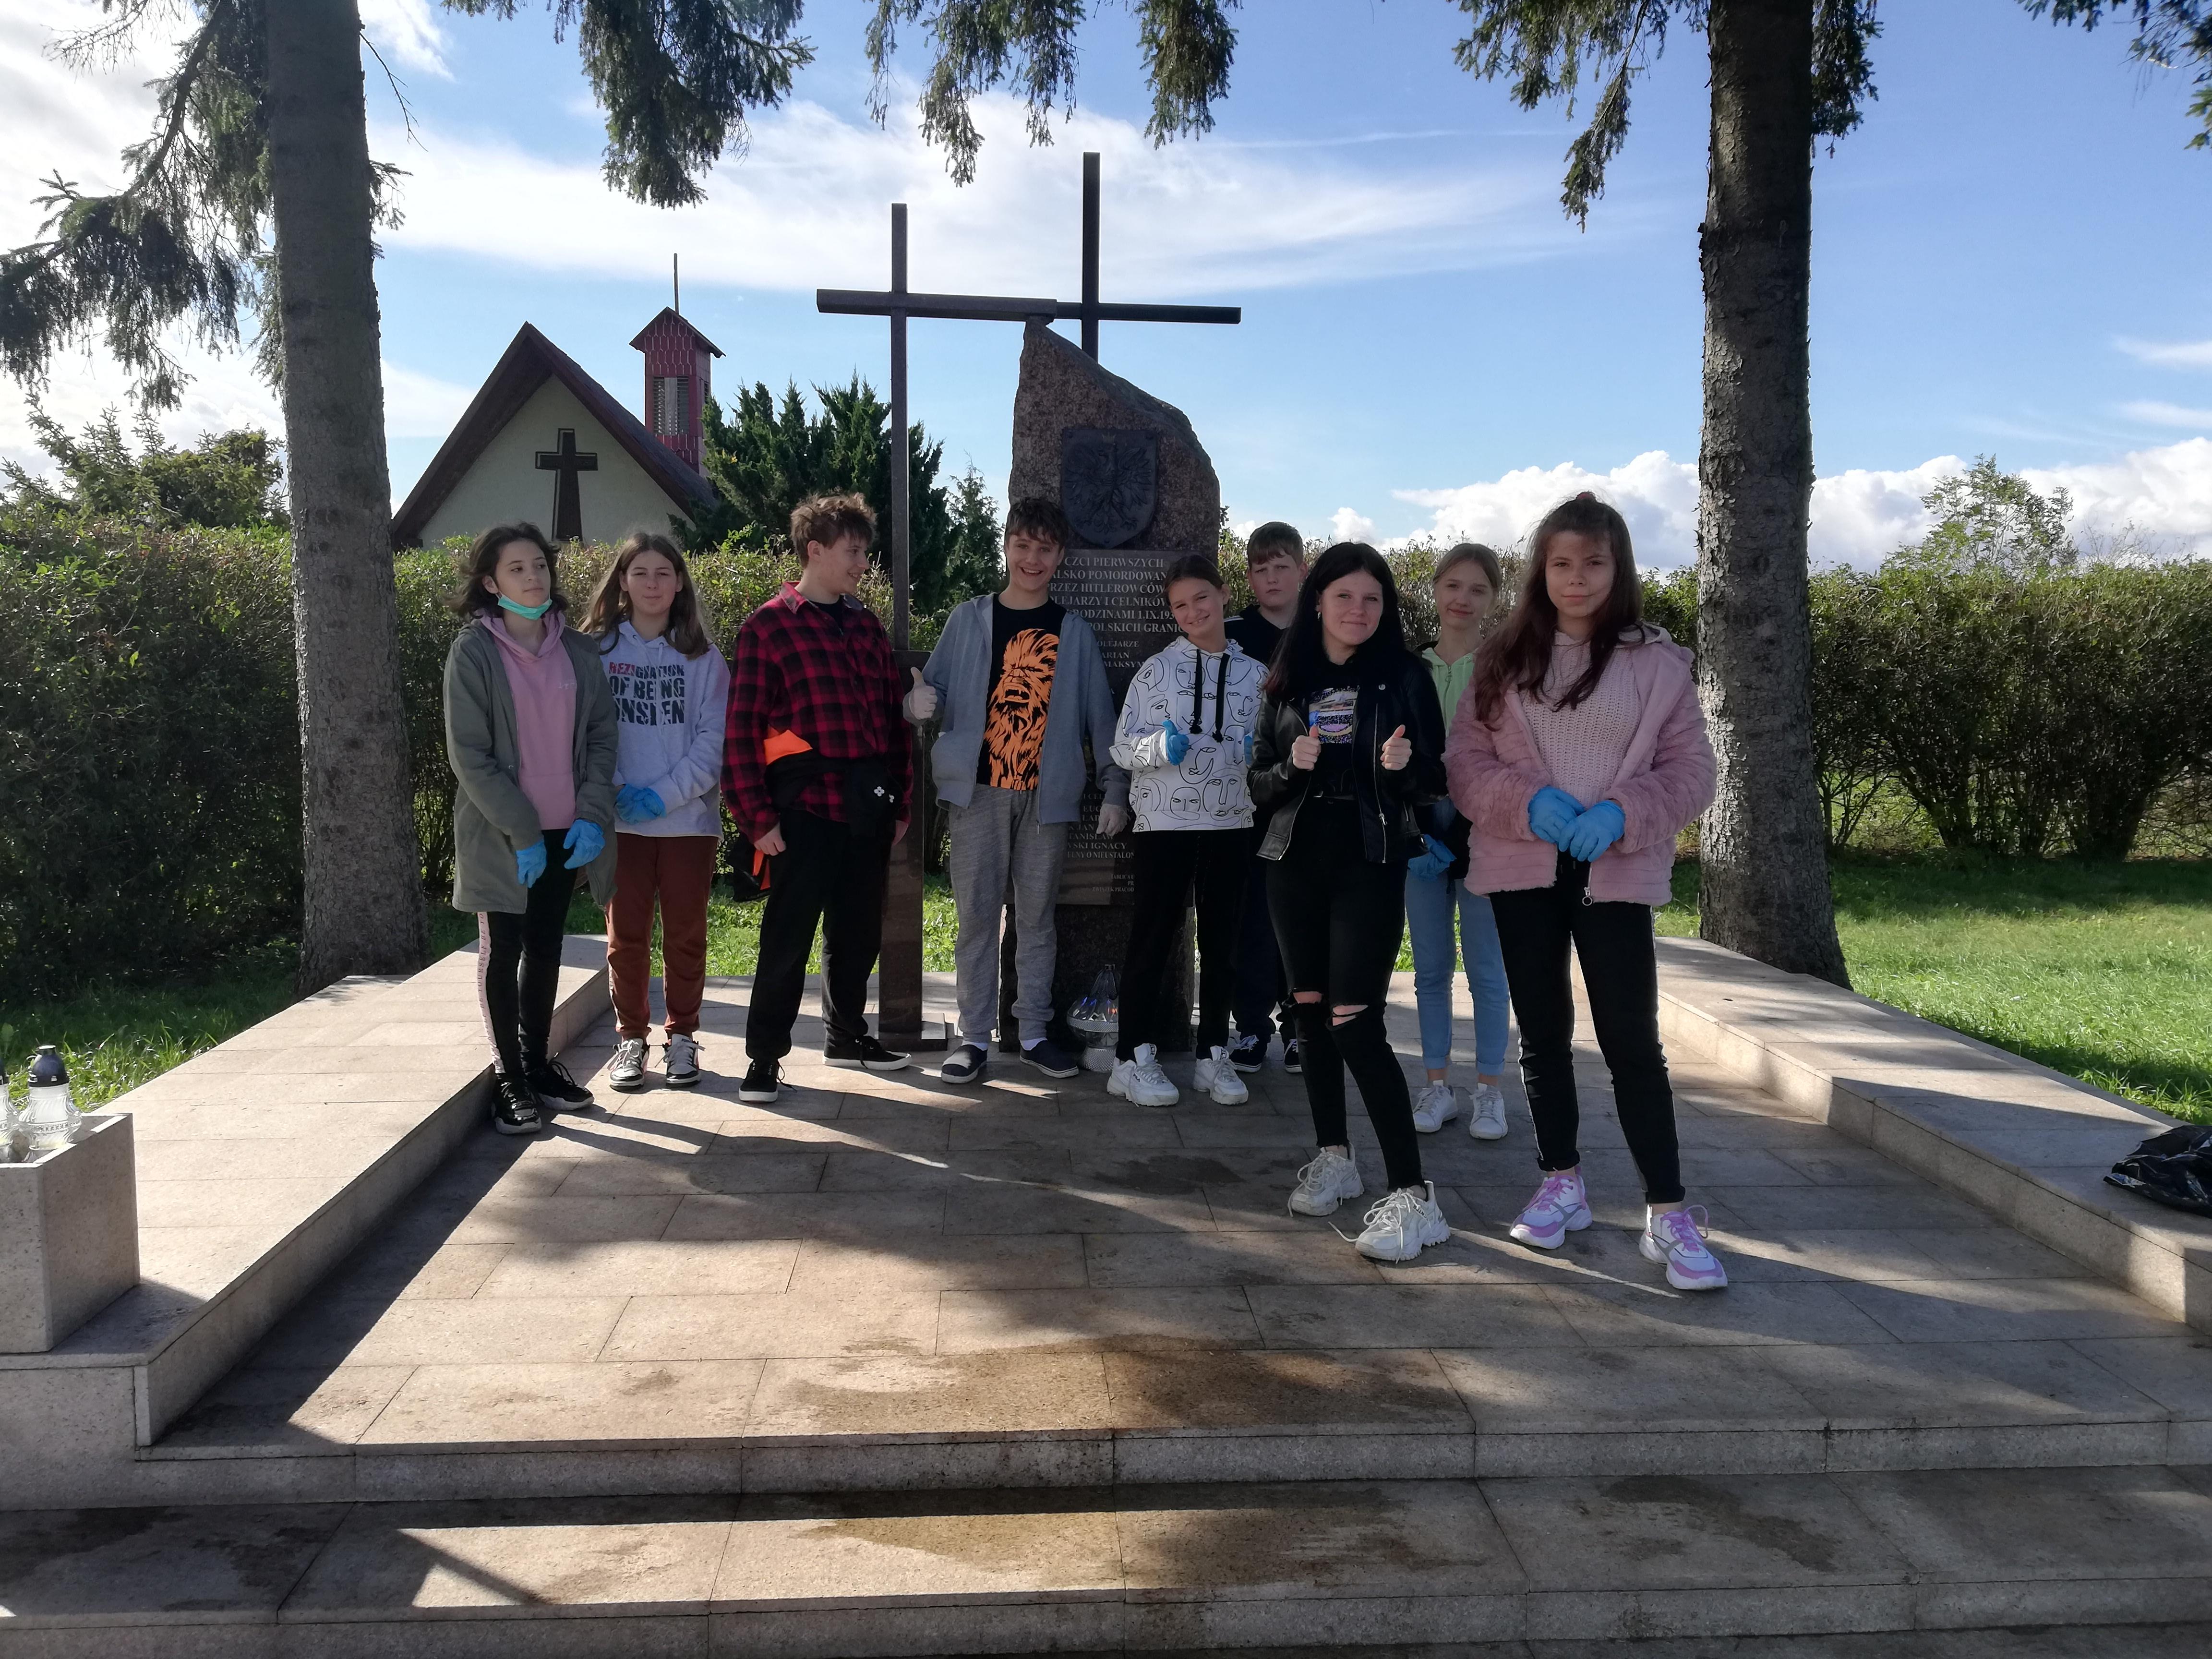 uczniowie kl. 8 przed posprzątanym pomnikiem